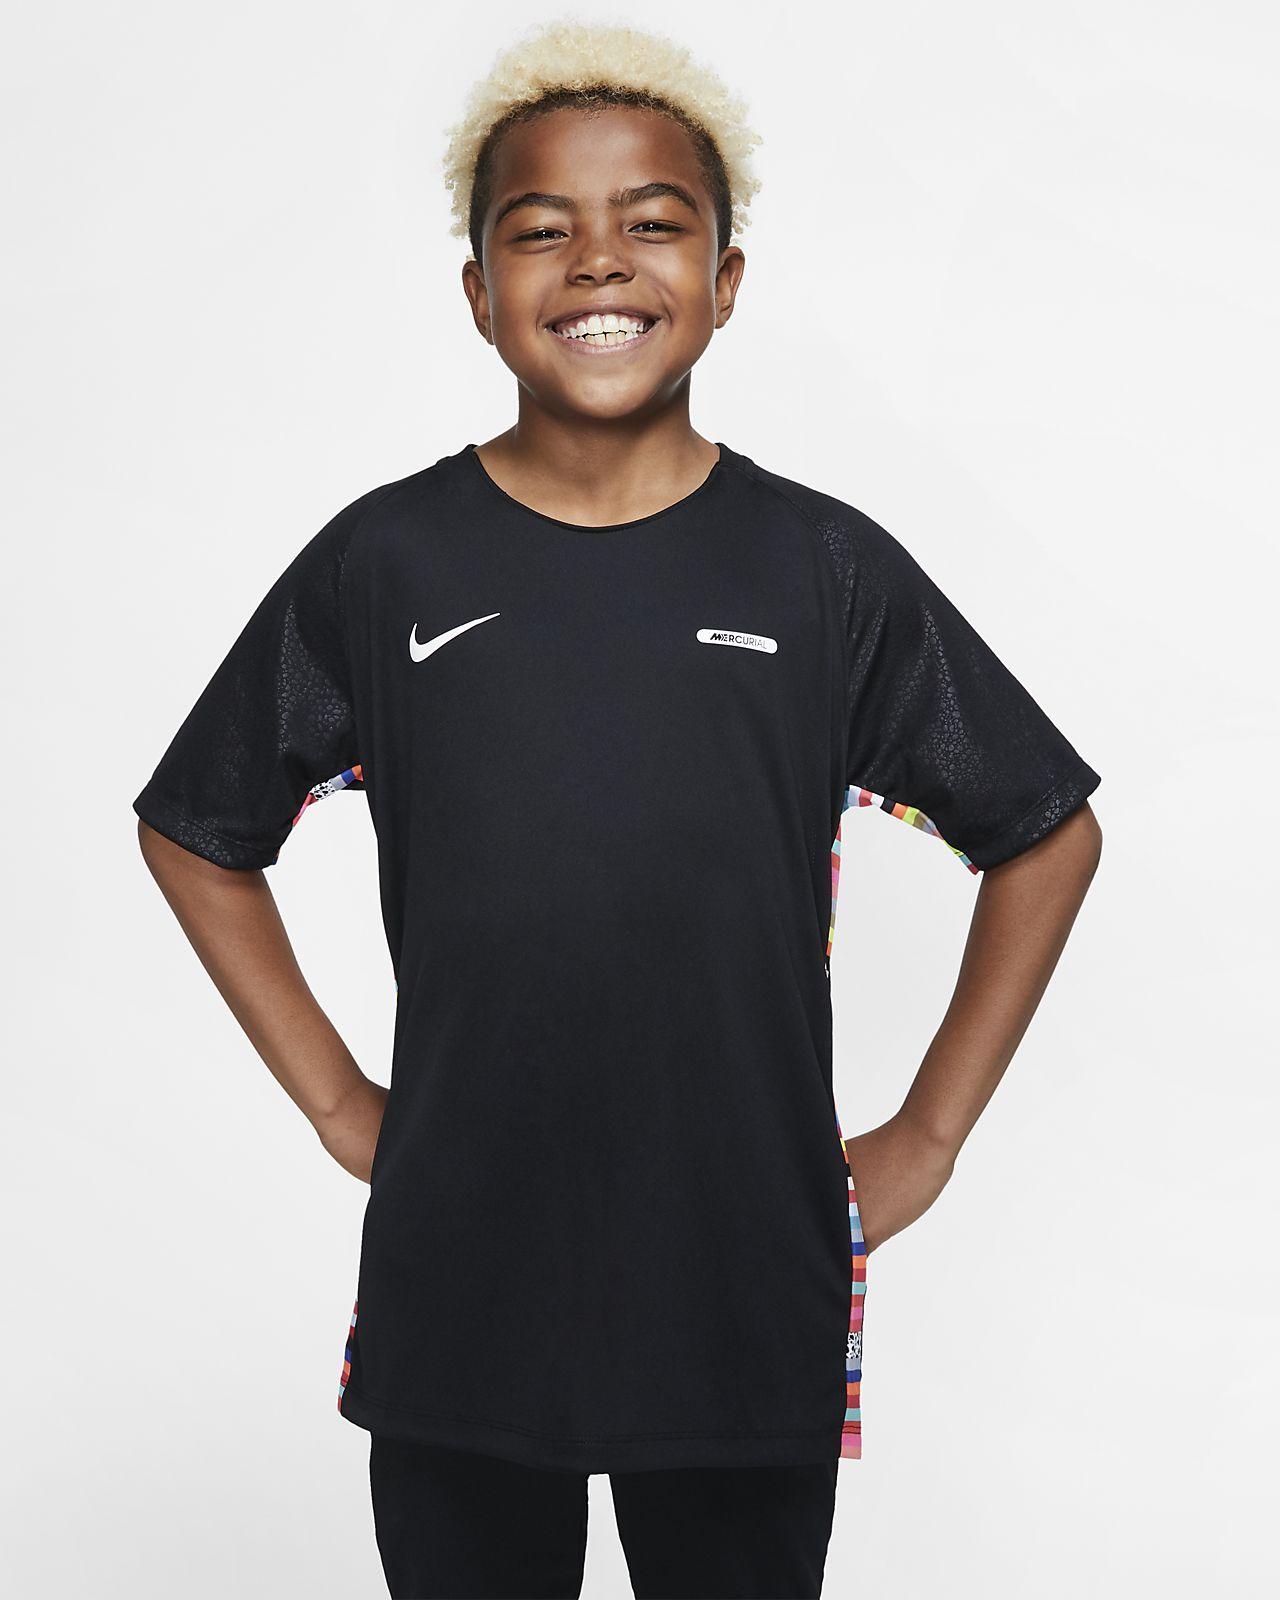 Prenda para la parte superior de fútbol de manga corta para niños talla grande Nike Dri-FIT Mercurial